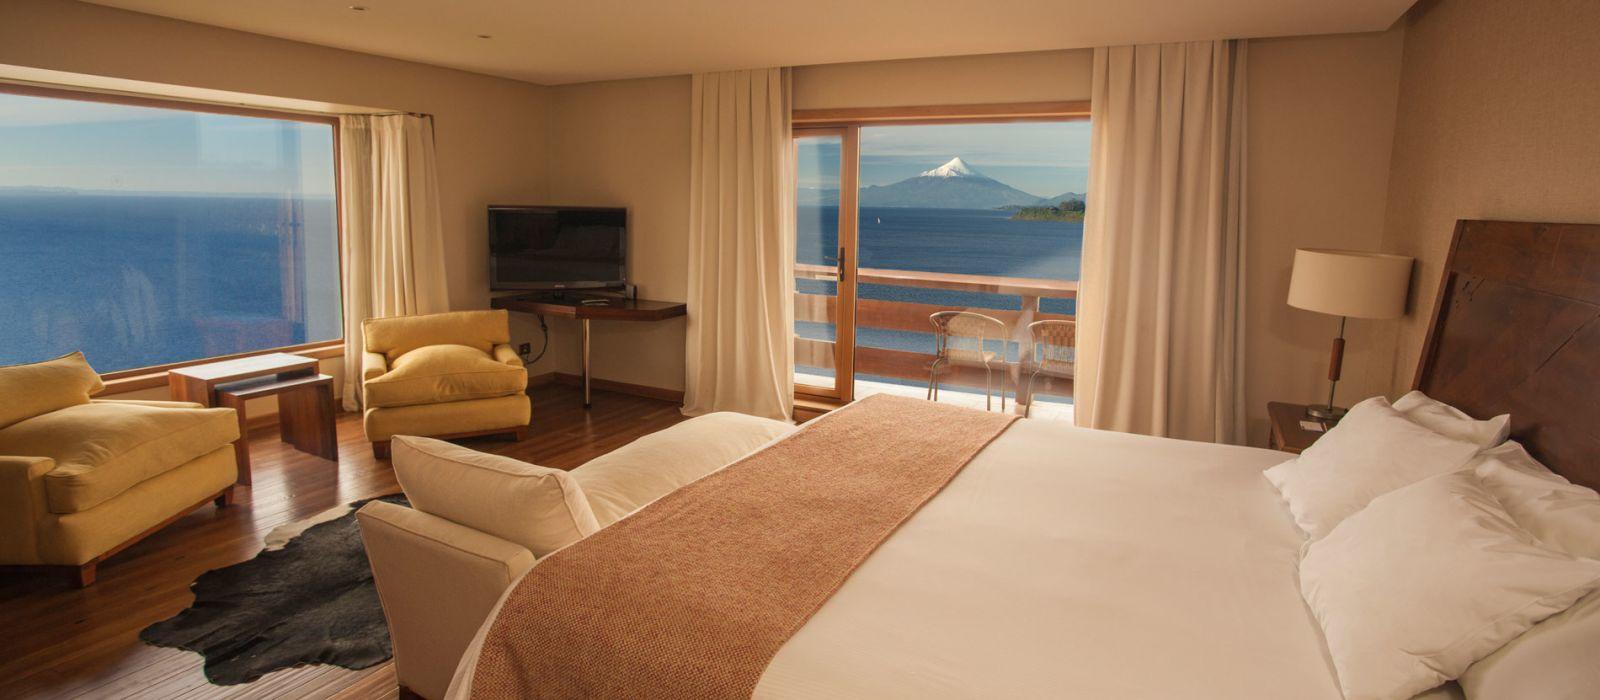 Hotel Cumbres Puerto Varas Chile